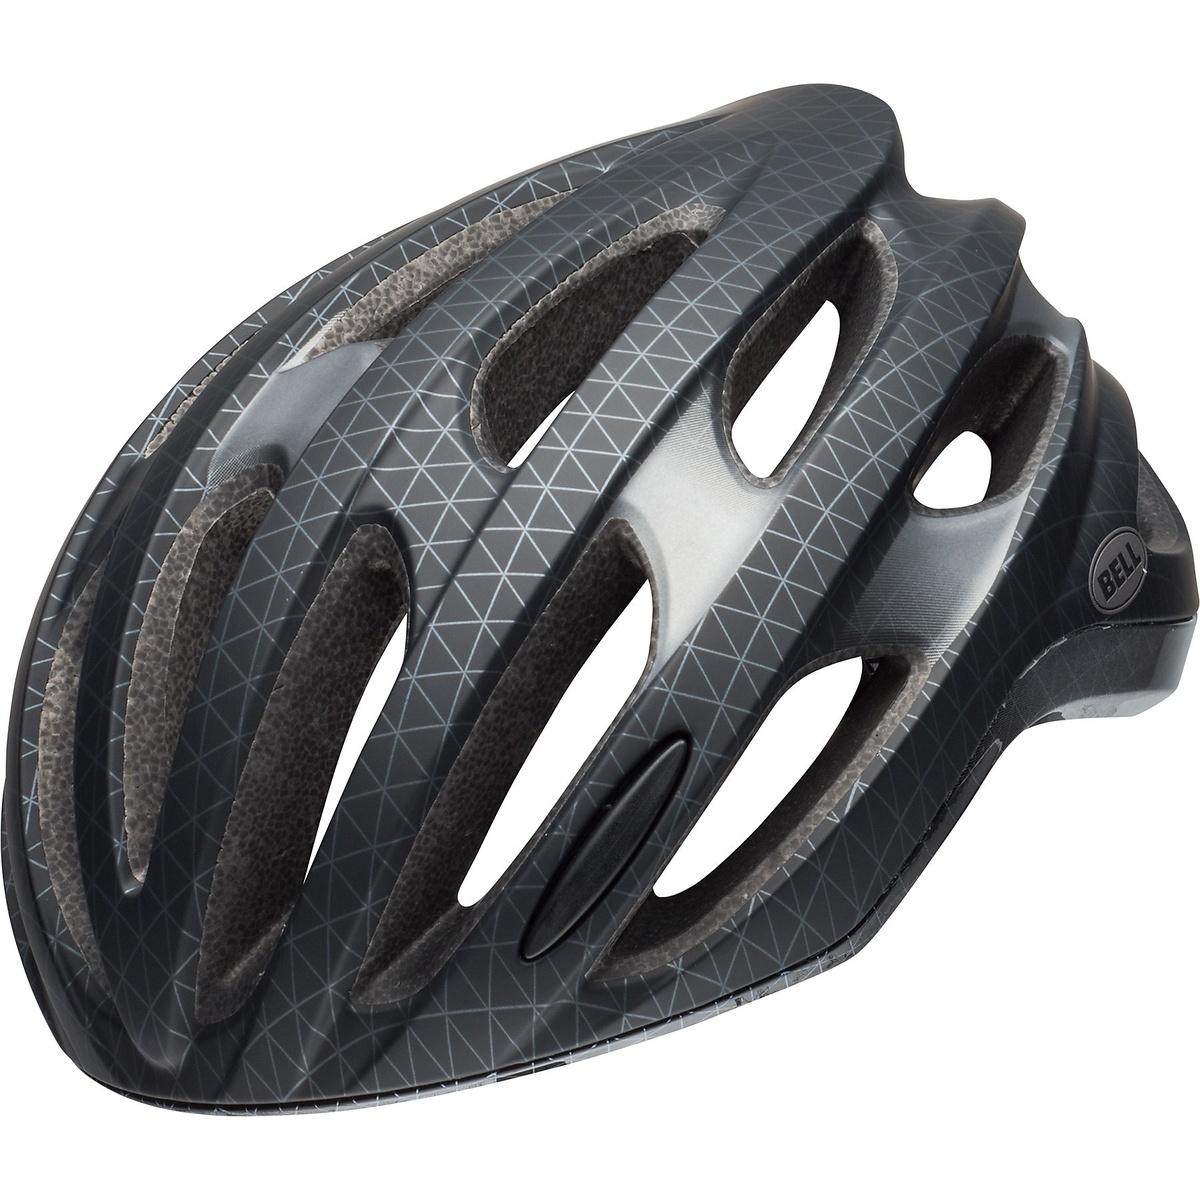 【送料無料】 バイク 自転車 ヘルメット フォーミュラ ミップス マットブラック/ガンメタル 7088528